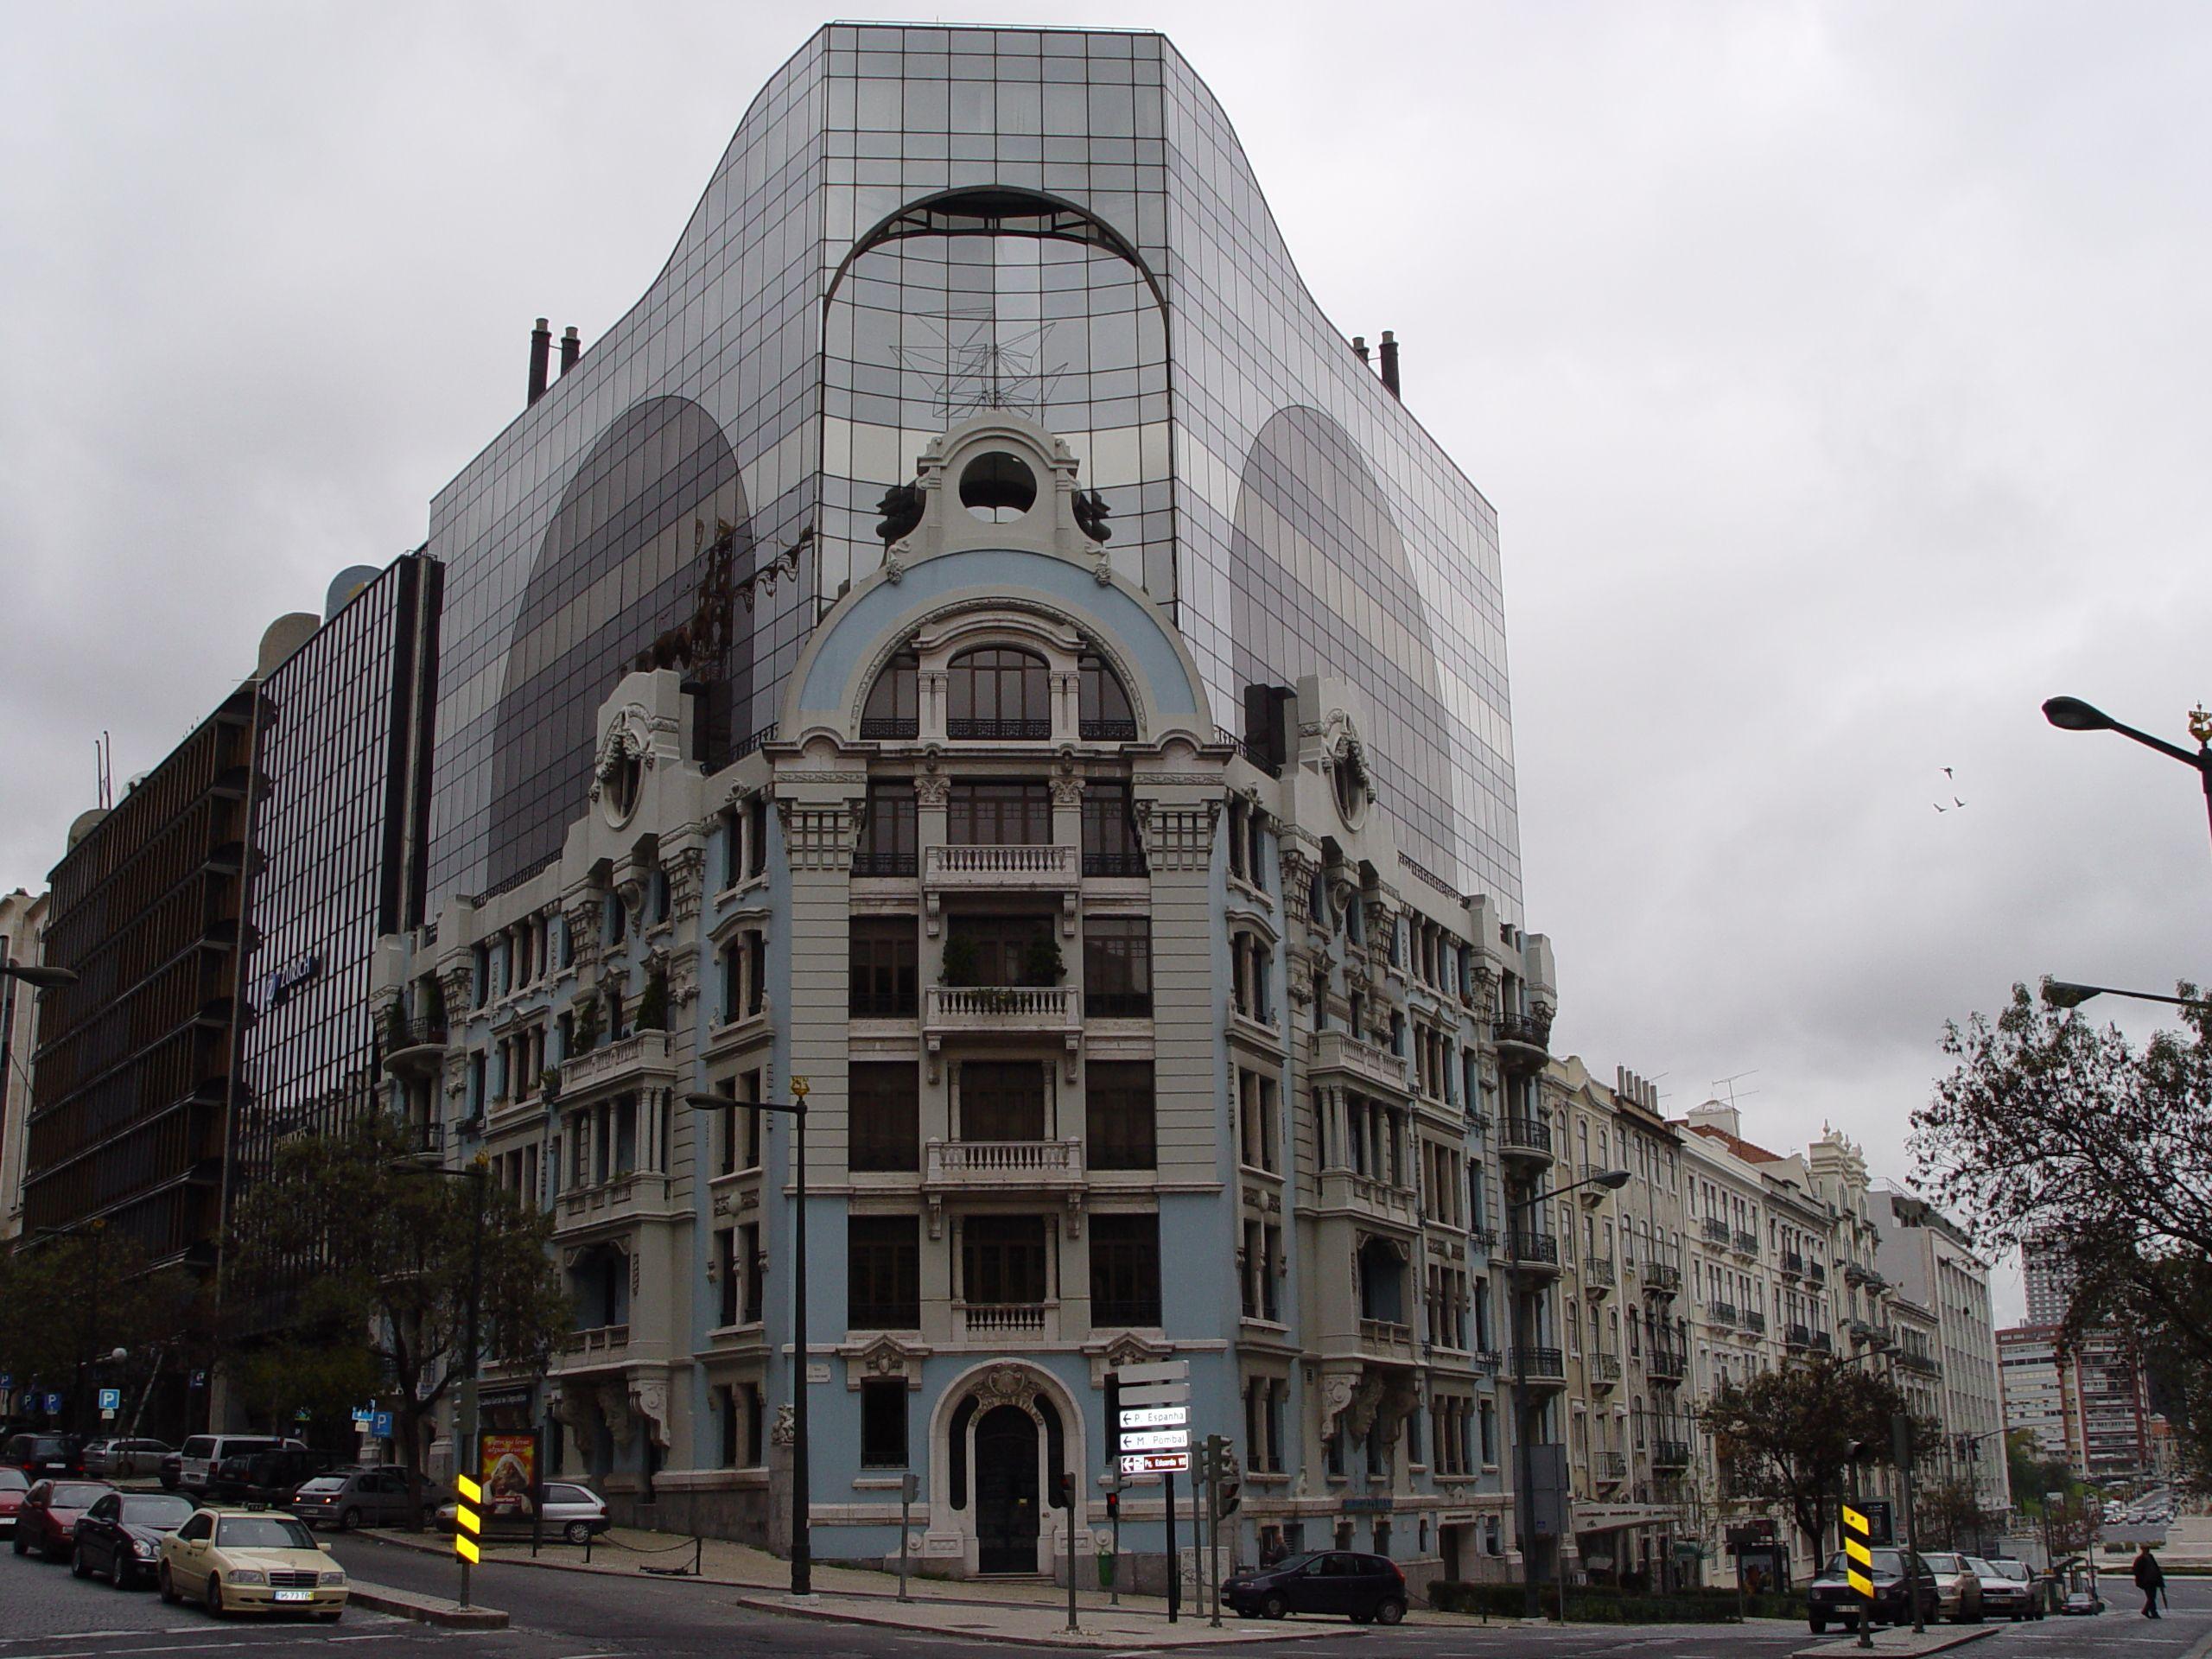 Edifício recuperado e modernizado. A arte da fusão do estilo antigo ao moderno.